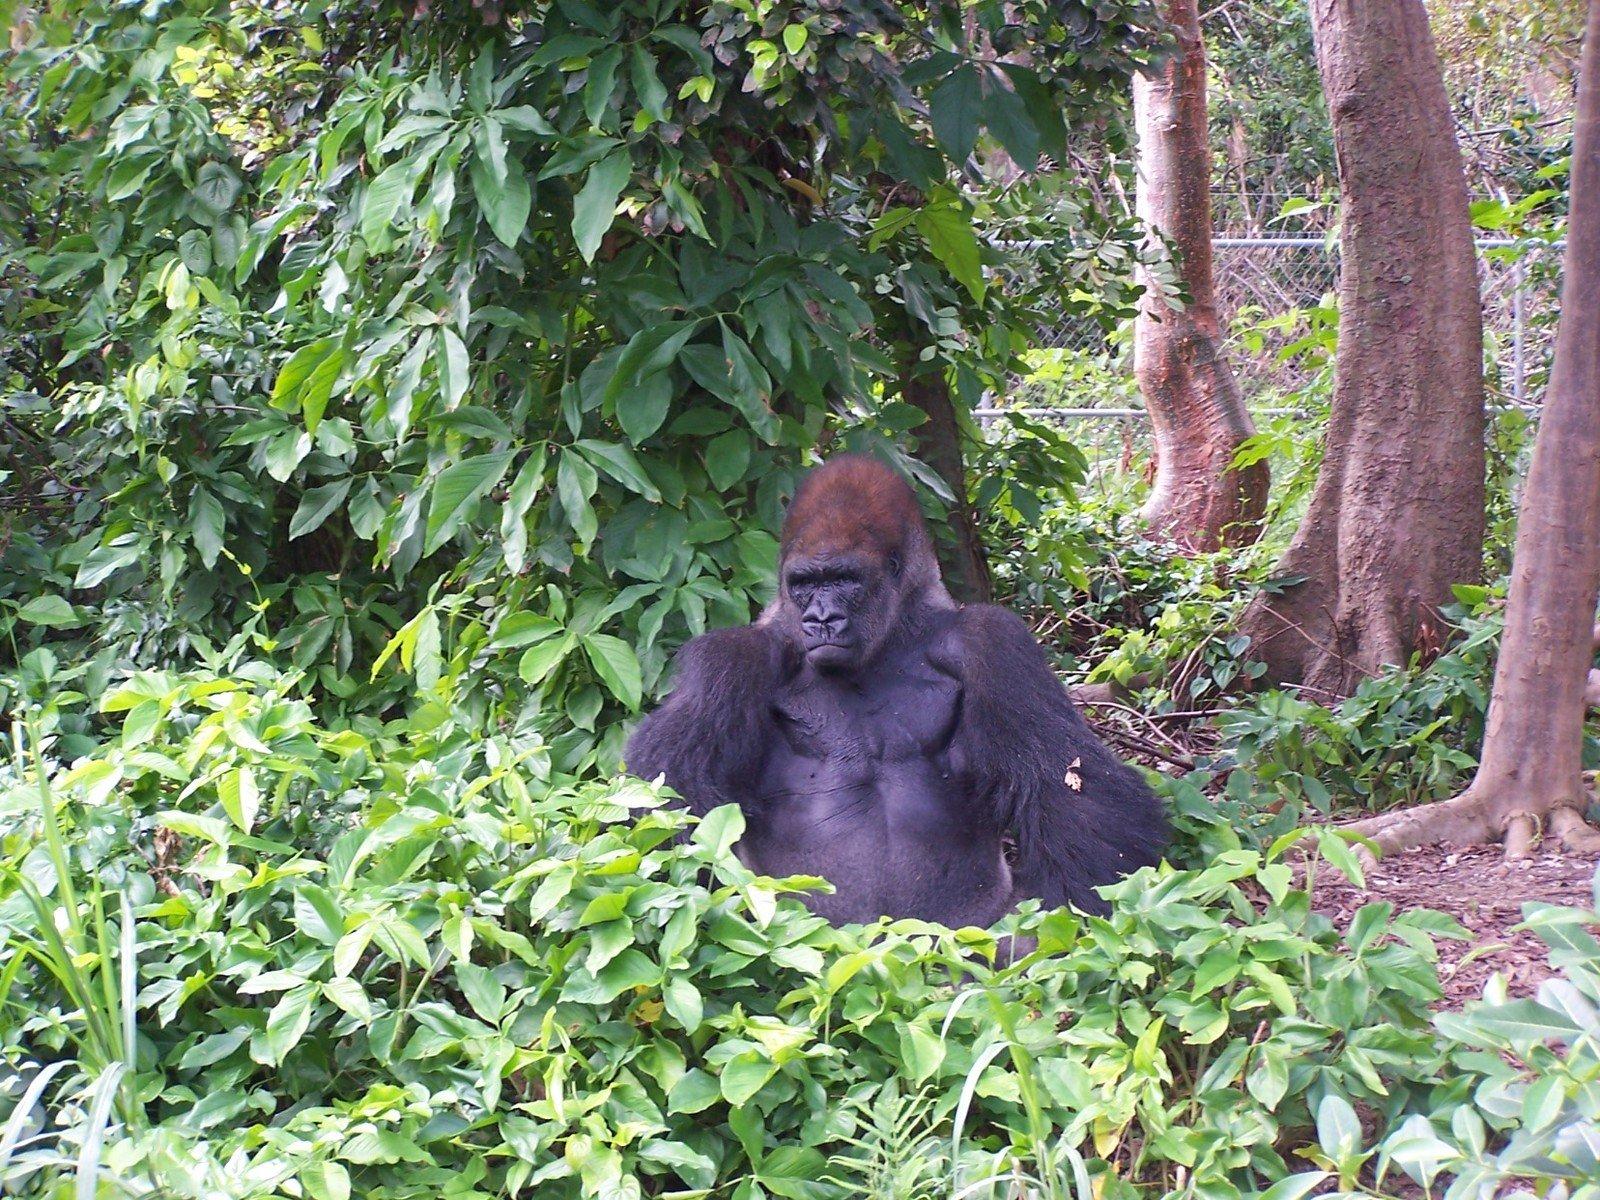 endangered rainforest gorilla